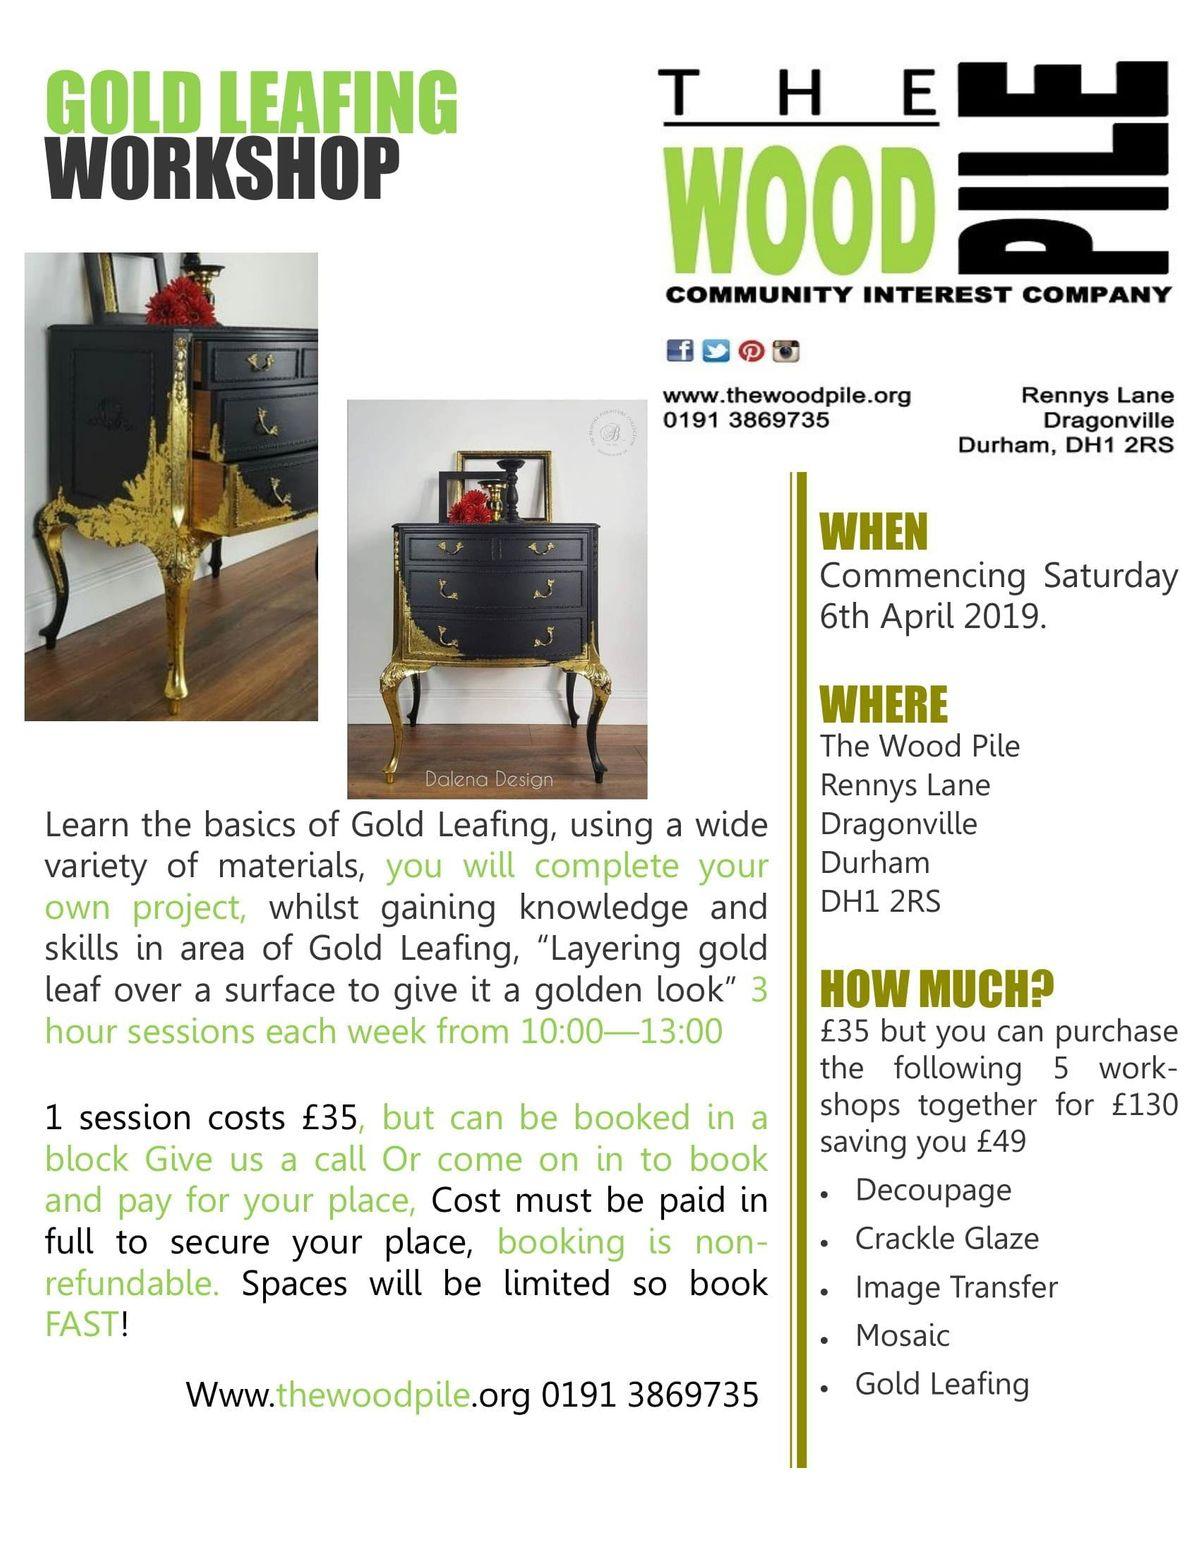 Gold Leafing Workshop